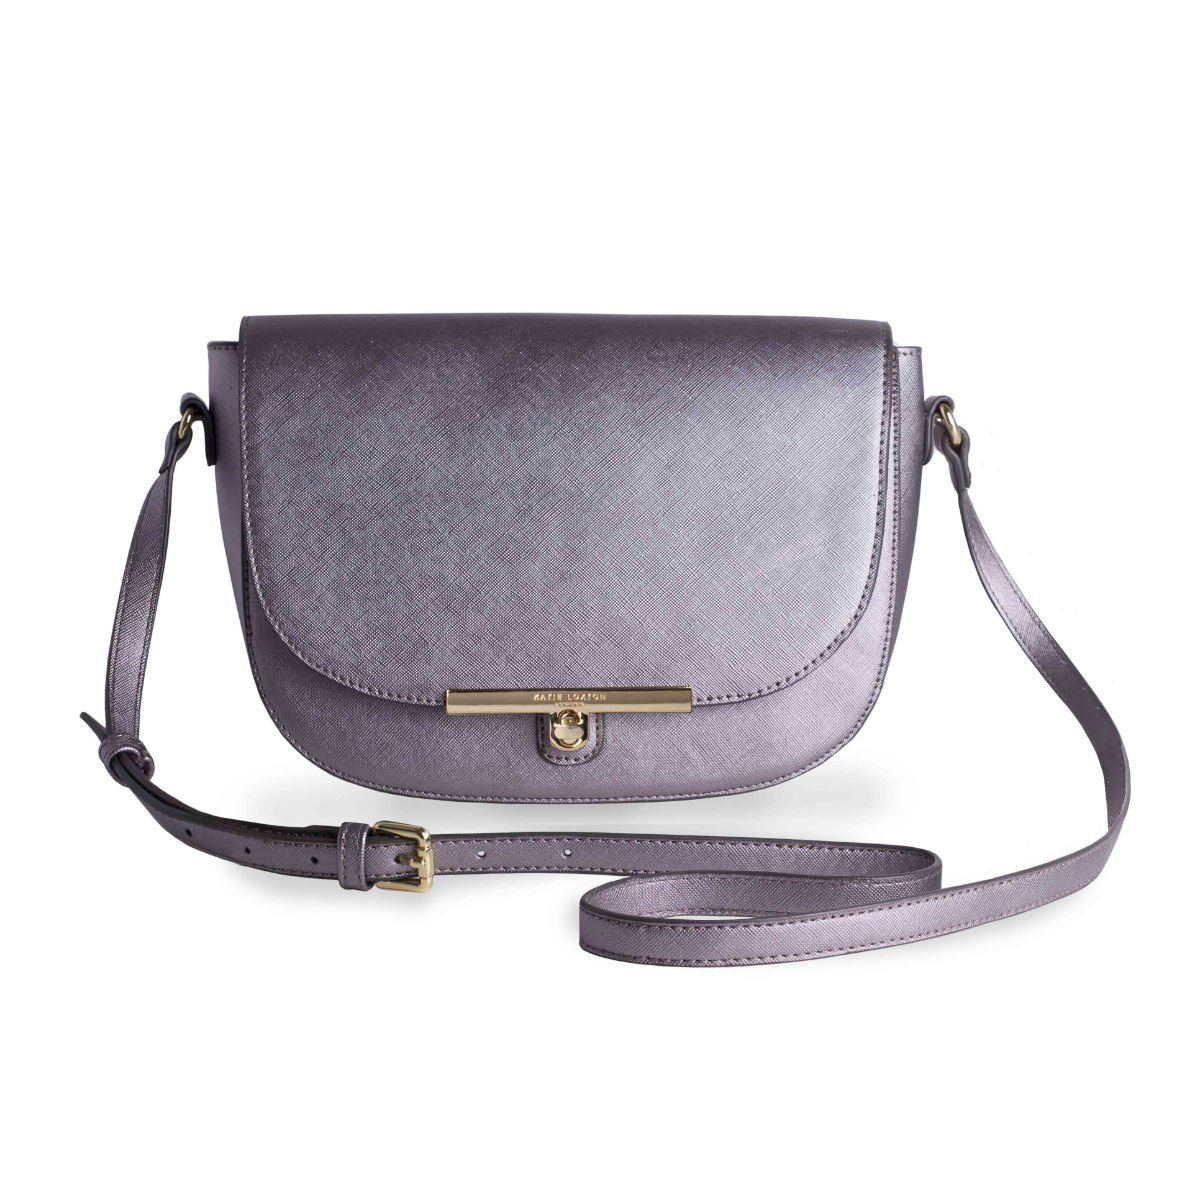 Šedá kabelka - Cece Saddle Bag